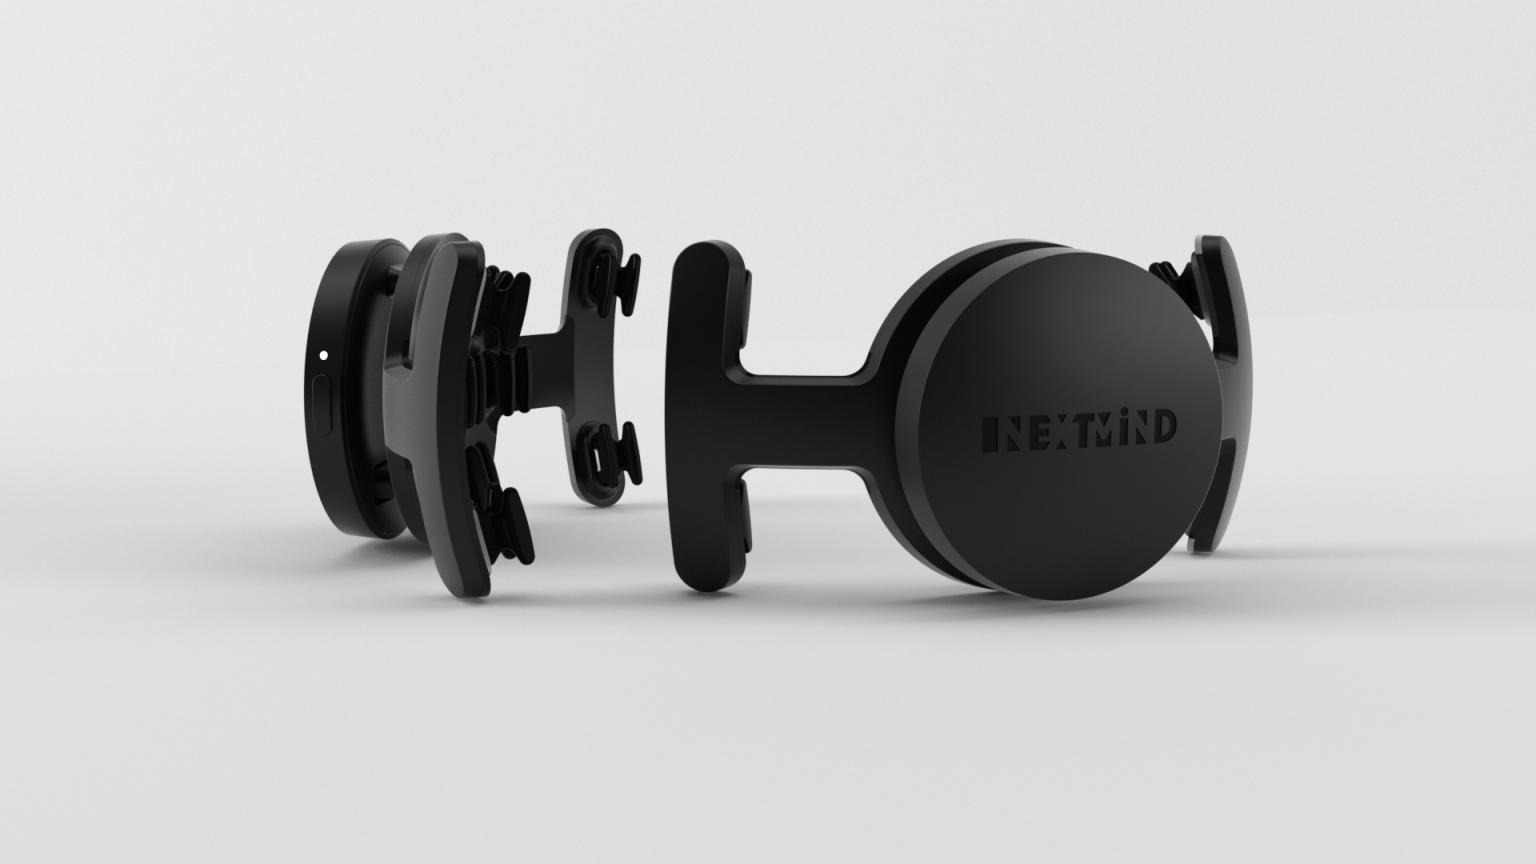 售价399美元,NextMind脑机开发套件初体验